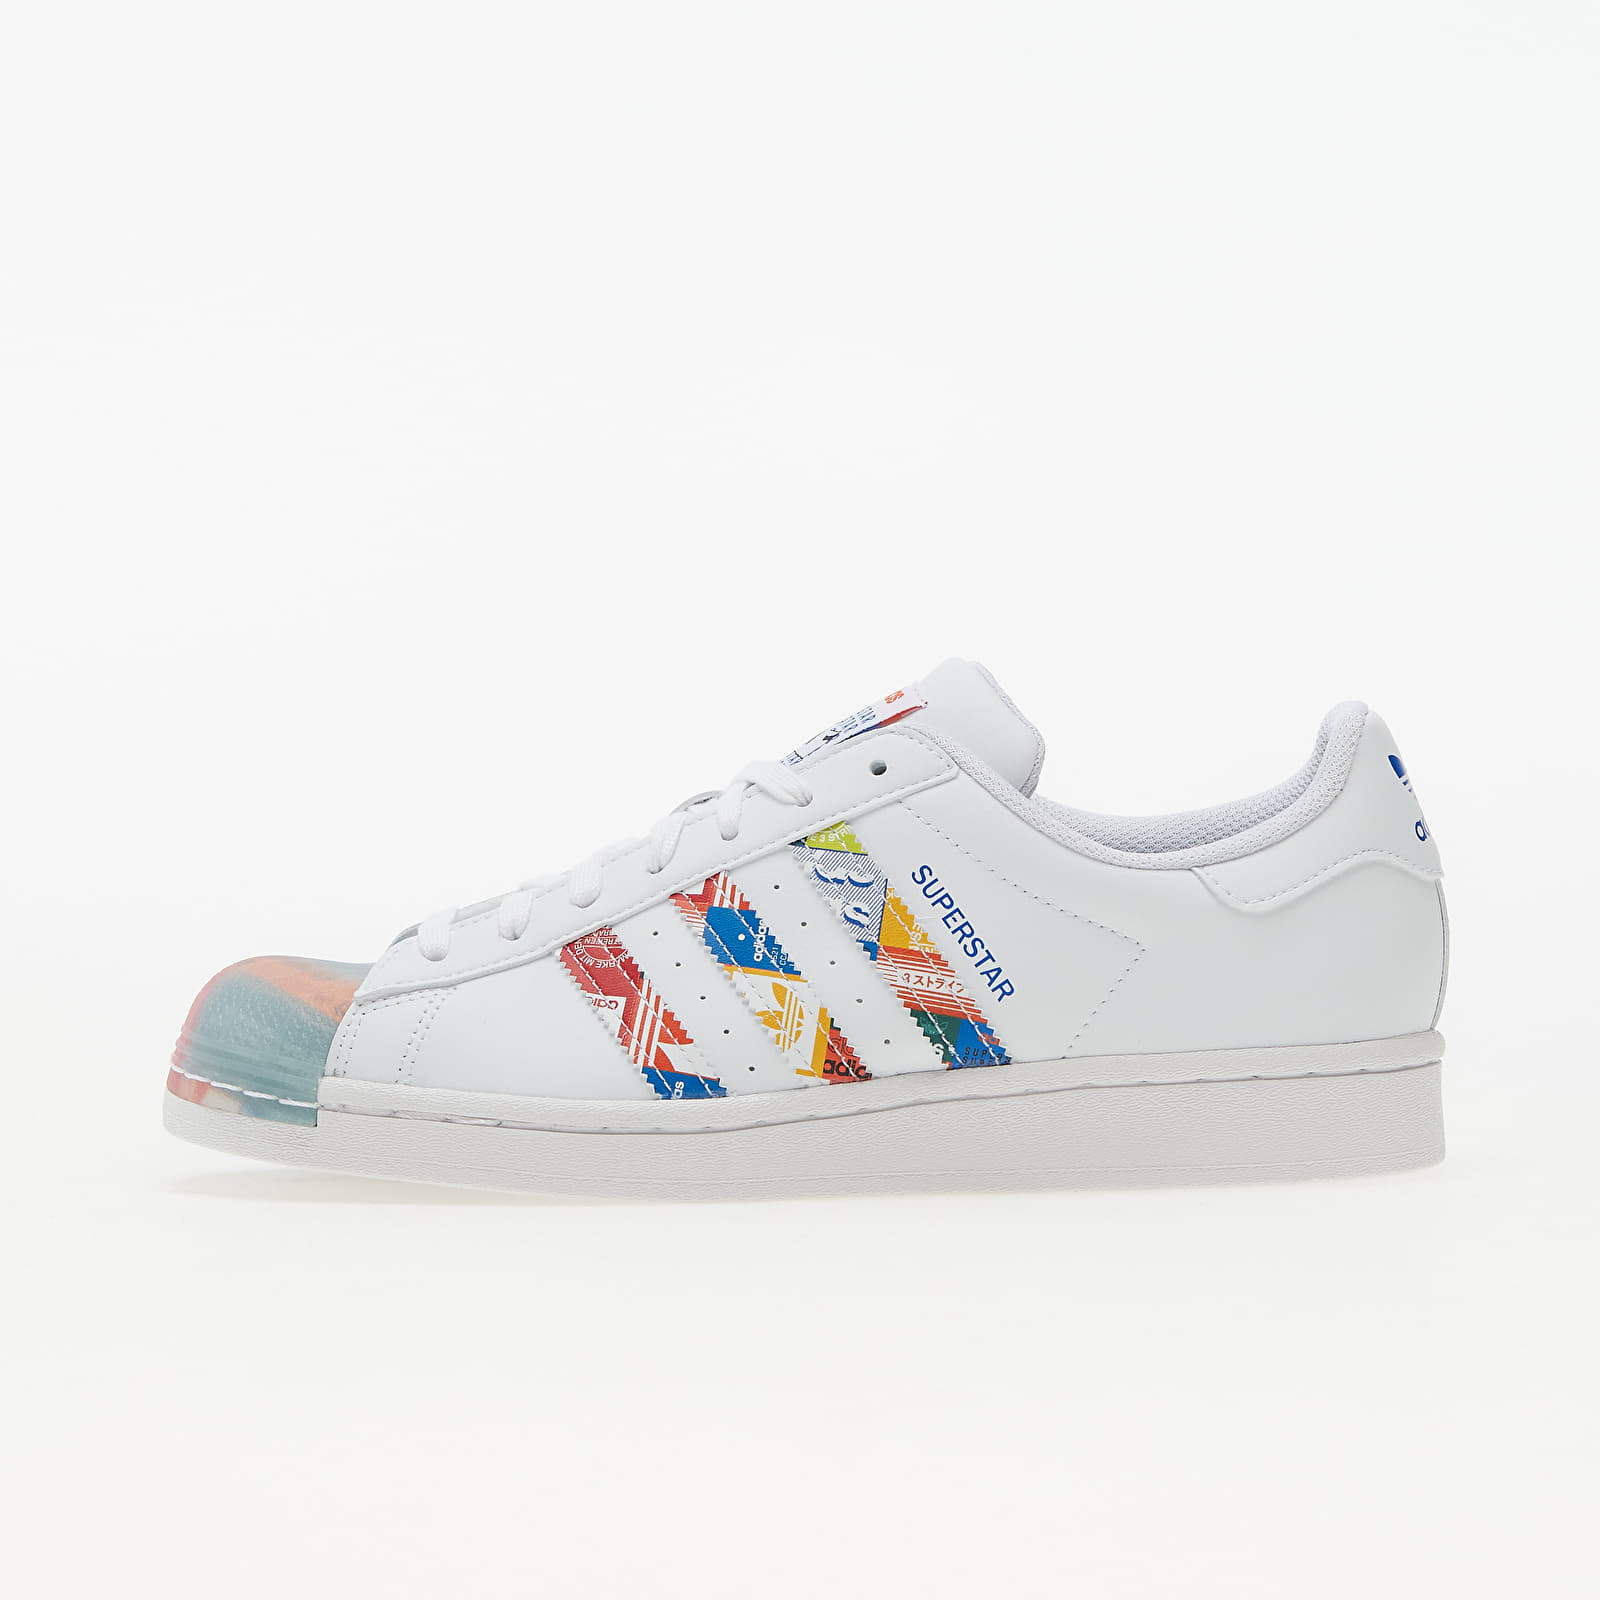 adidas Superstar Ftw White/ Blue/ Orange EUR 41 1/3